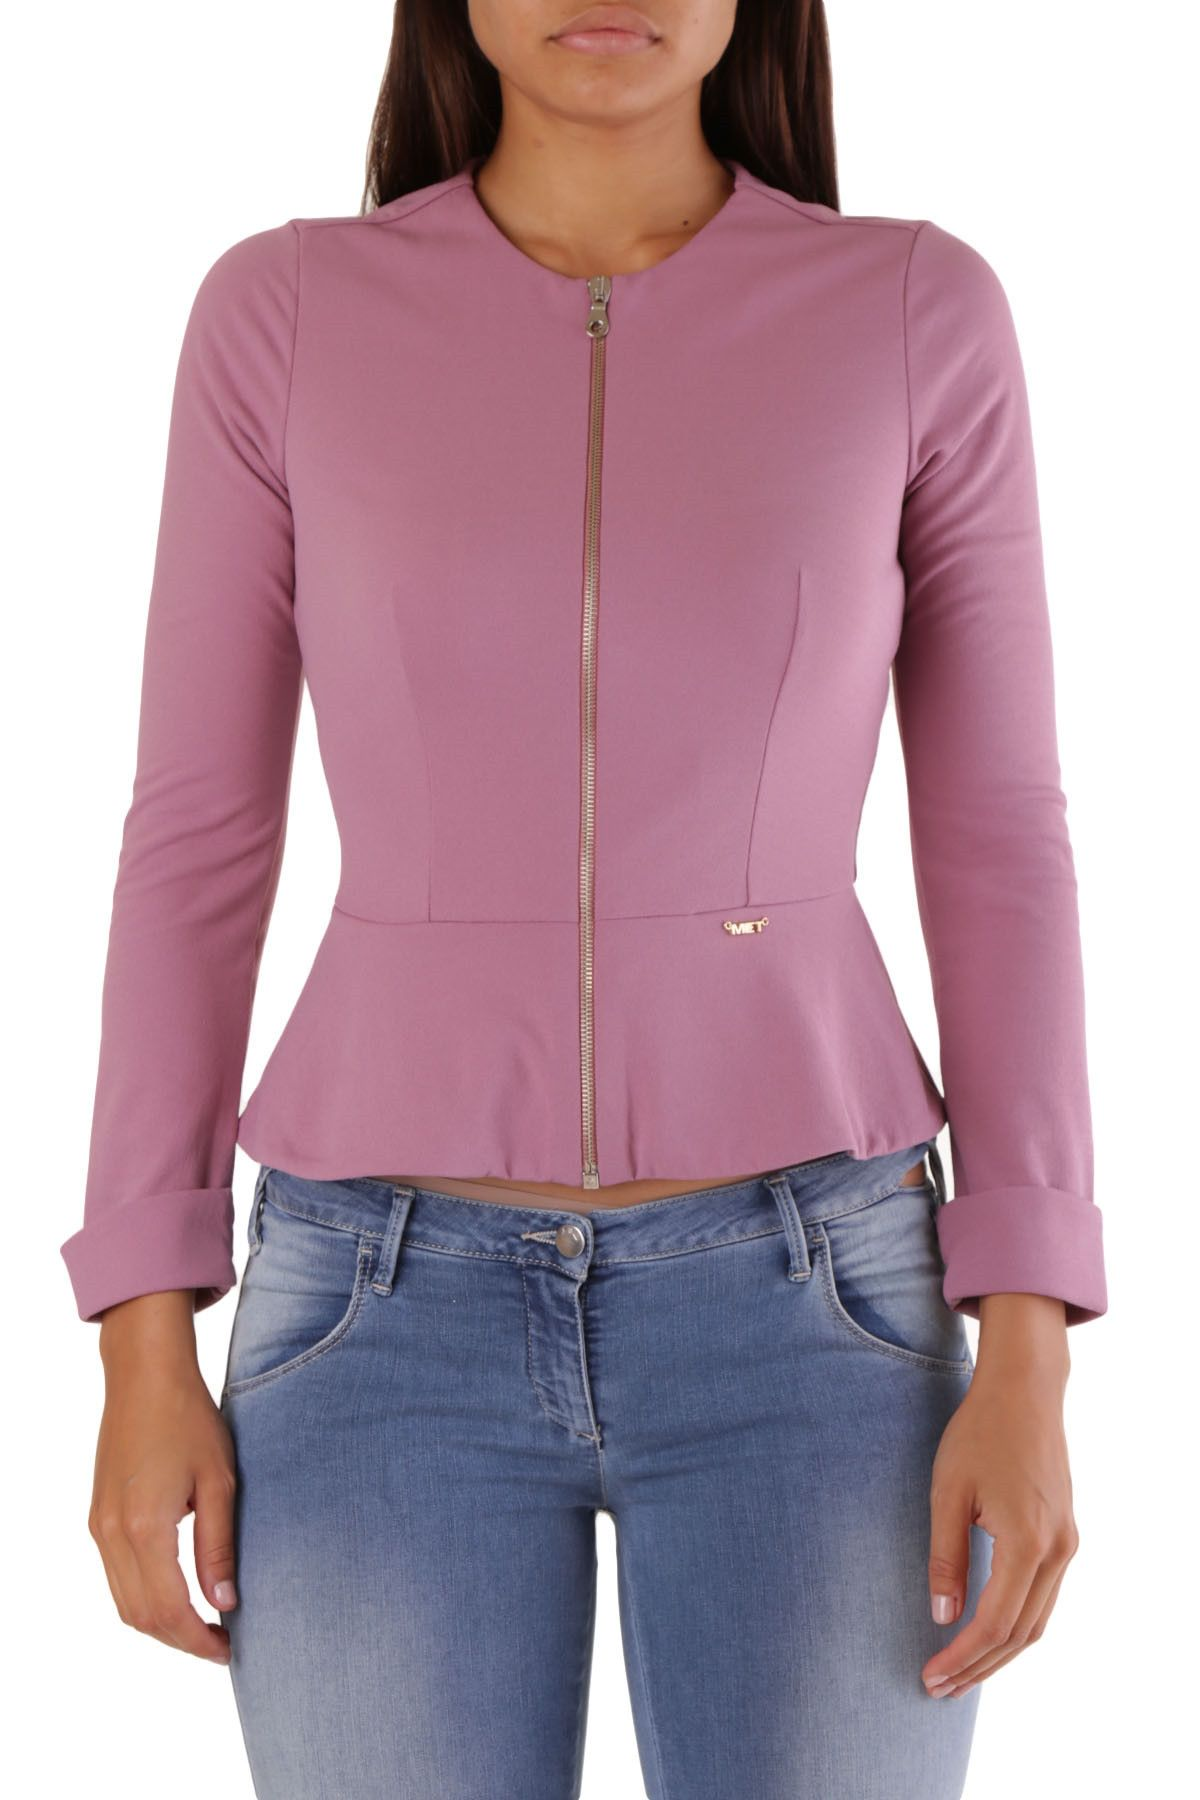 Met Women's Knitwear In Pink